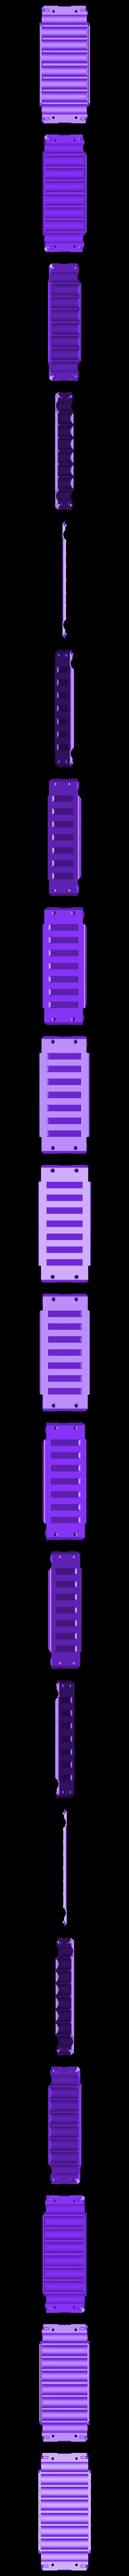 18650_2S4P_lid_V2.stl Télécharger fichier STL gratuit NESE, le module V2 sans soudure 18650 (FERMÉ) • Objet pour imprimante 3D, 18650